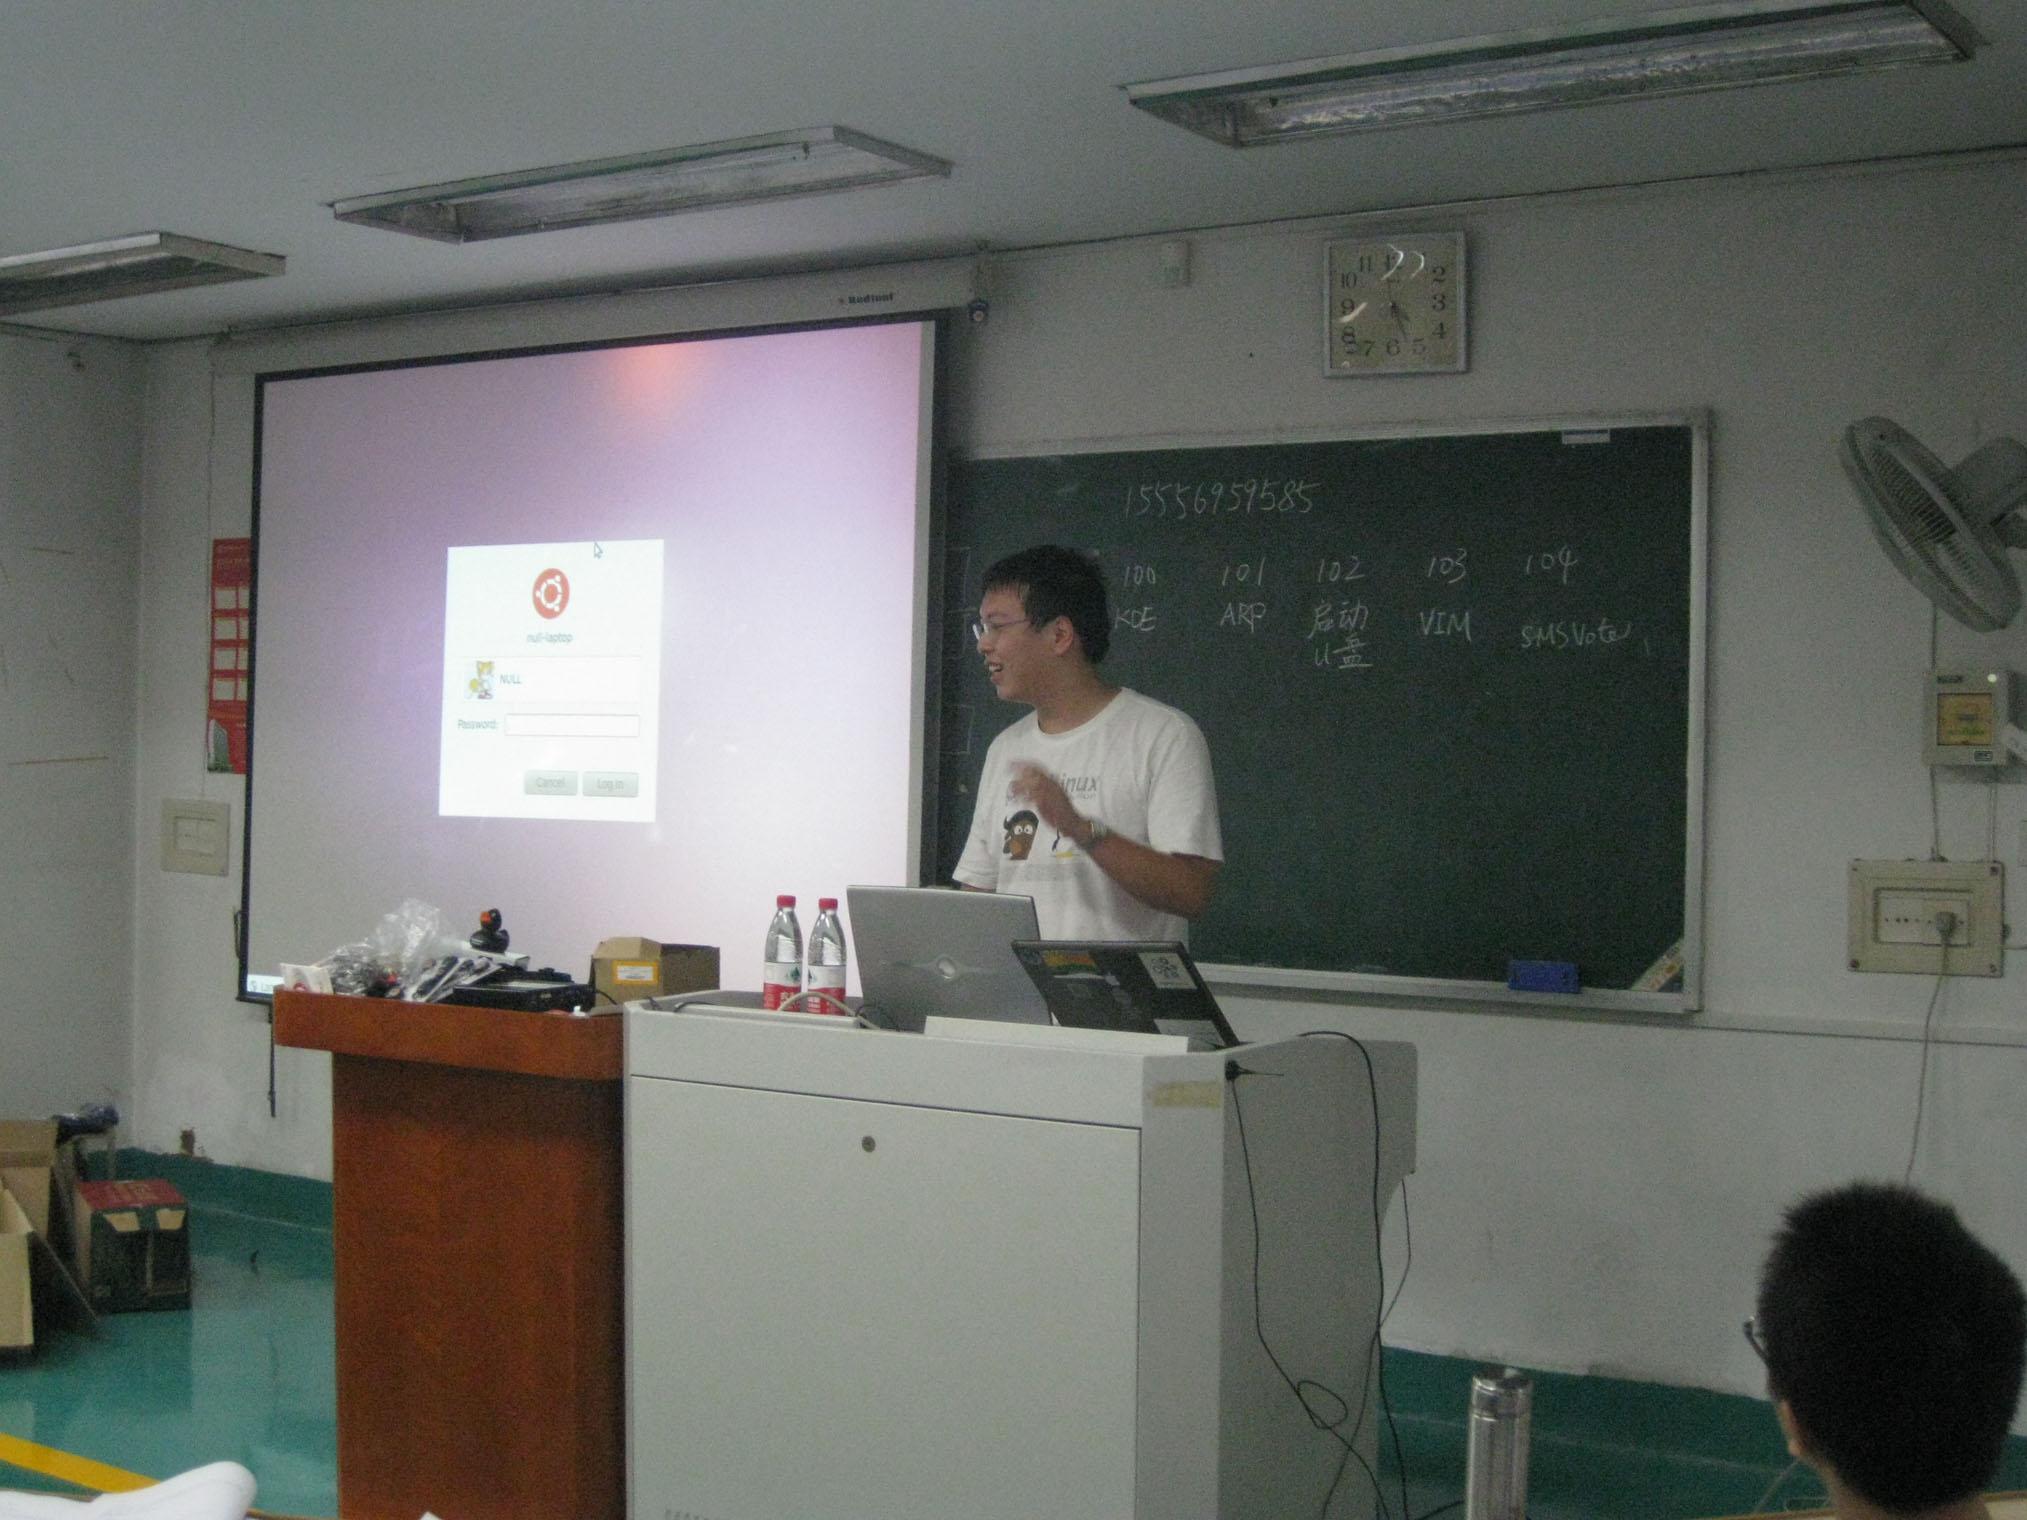 KDE桌面展示